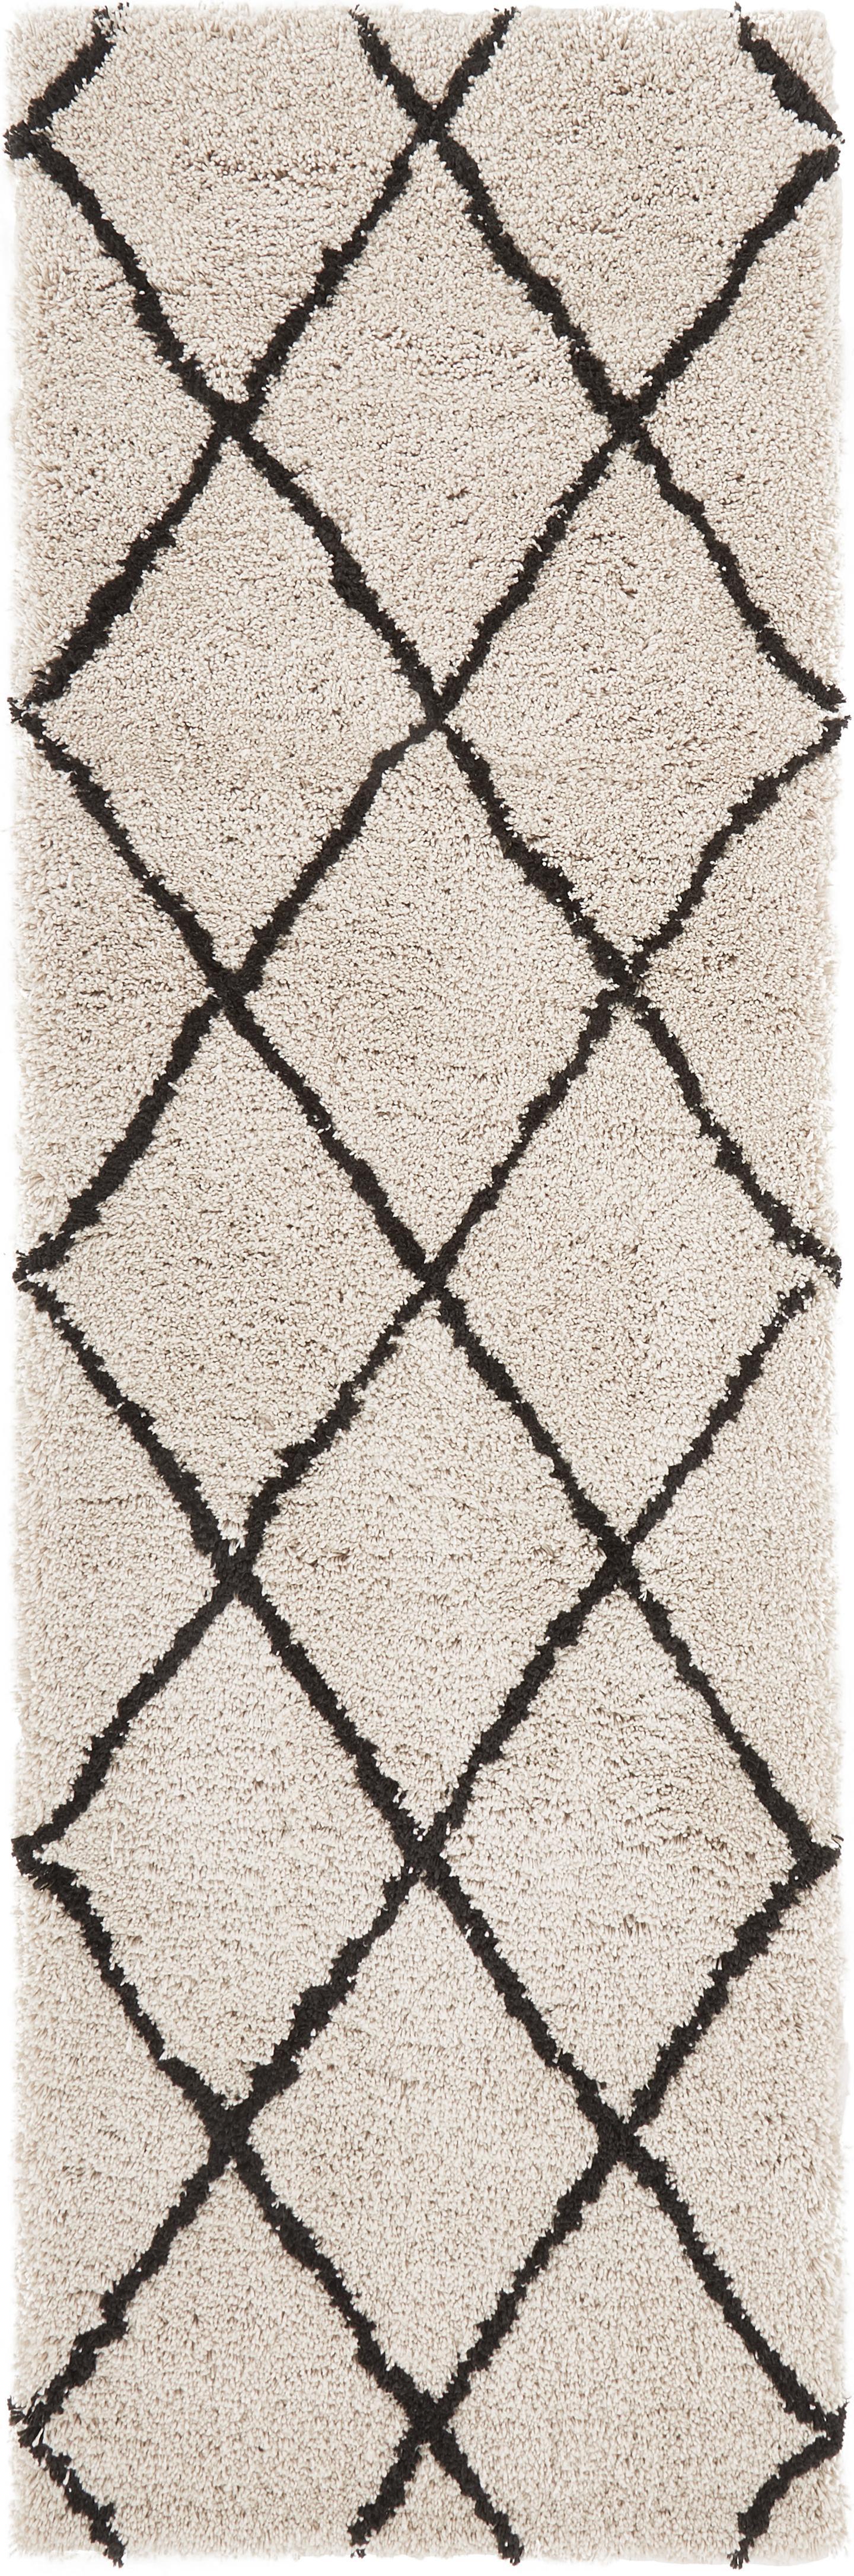 Flauschiger Hochflor-Läufer Naima, handgetuftet, Flor: 100% Polyester, Beige, Schwarz, 80 x 250 cm